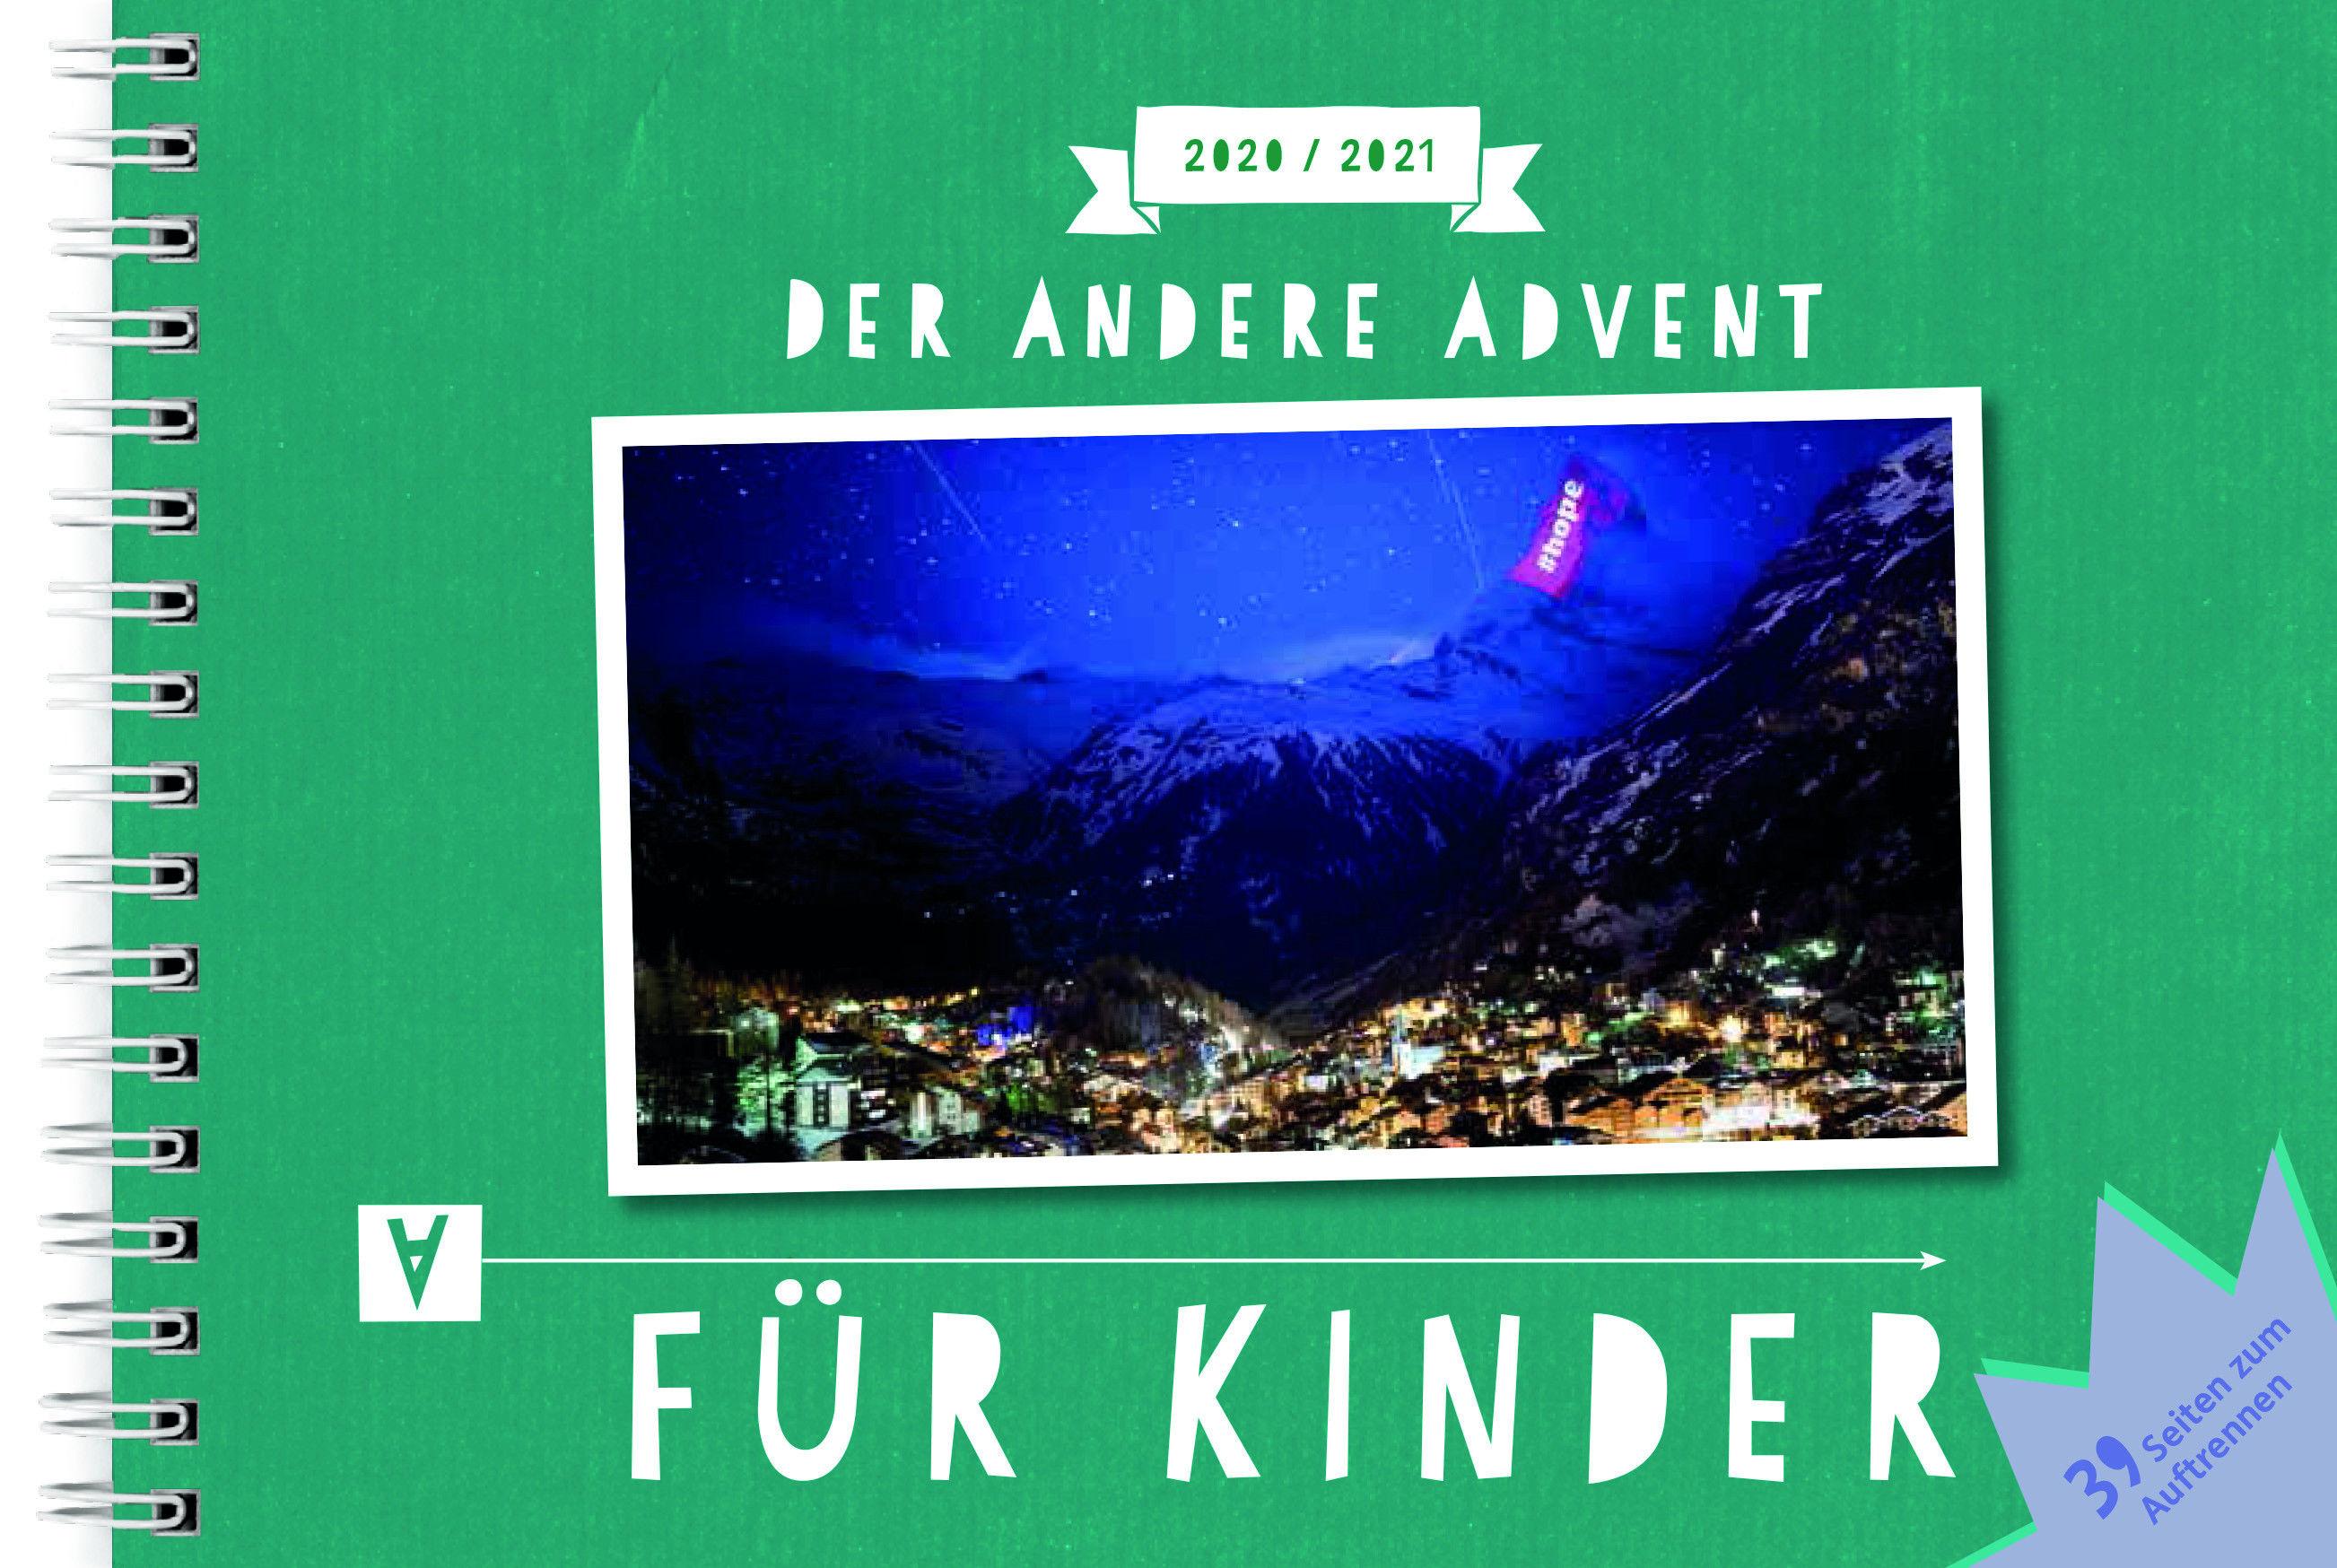 Der Titel des Kinderkalenders: Auf dunkelgrünem Hintergrund das Foto des Anderen Advent: Der Blick auf das nächtliche Matterhorn mit der Lichtprojektion #hope auf die Spitze des Berges.